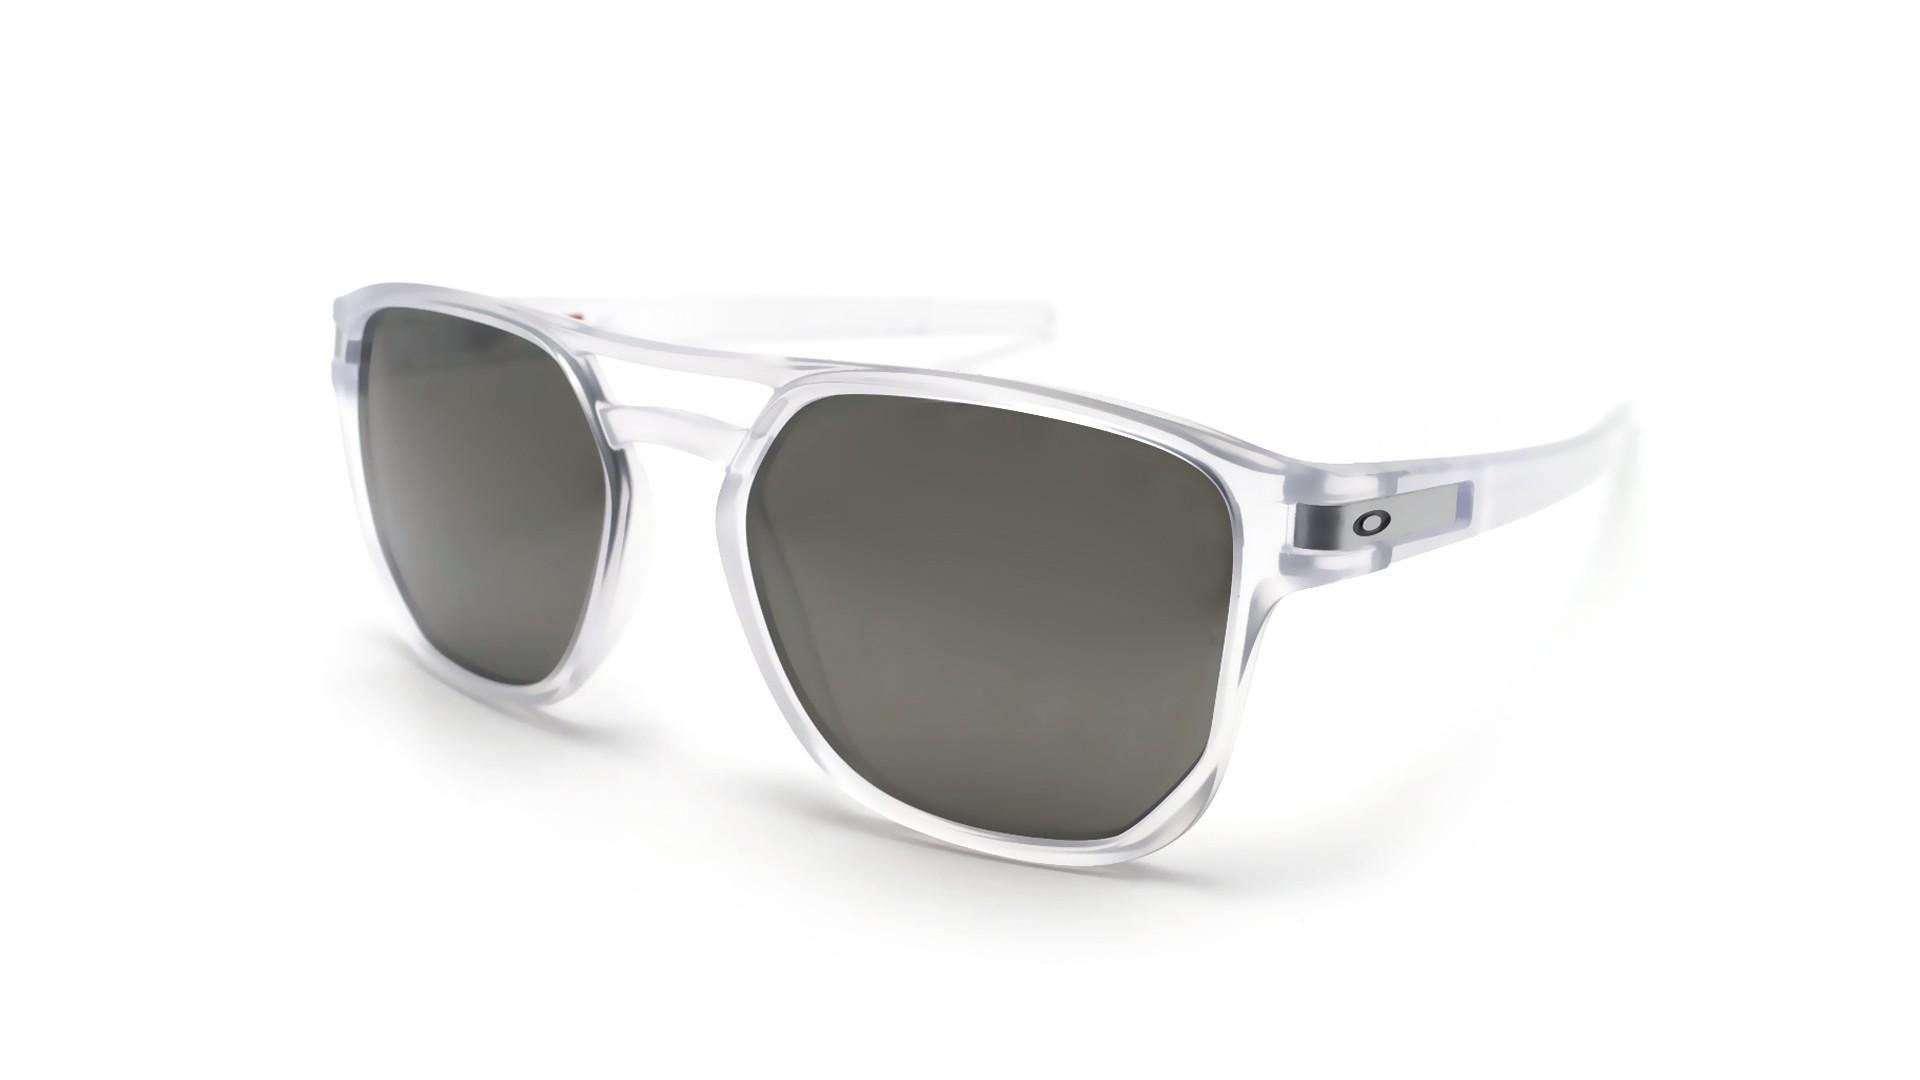 8afb8de984 Sunglasses Oakley Latch Beta Clear Prizm OO9436 02 54-18 Medium Flash